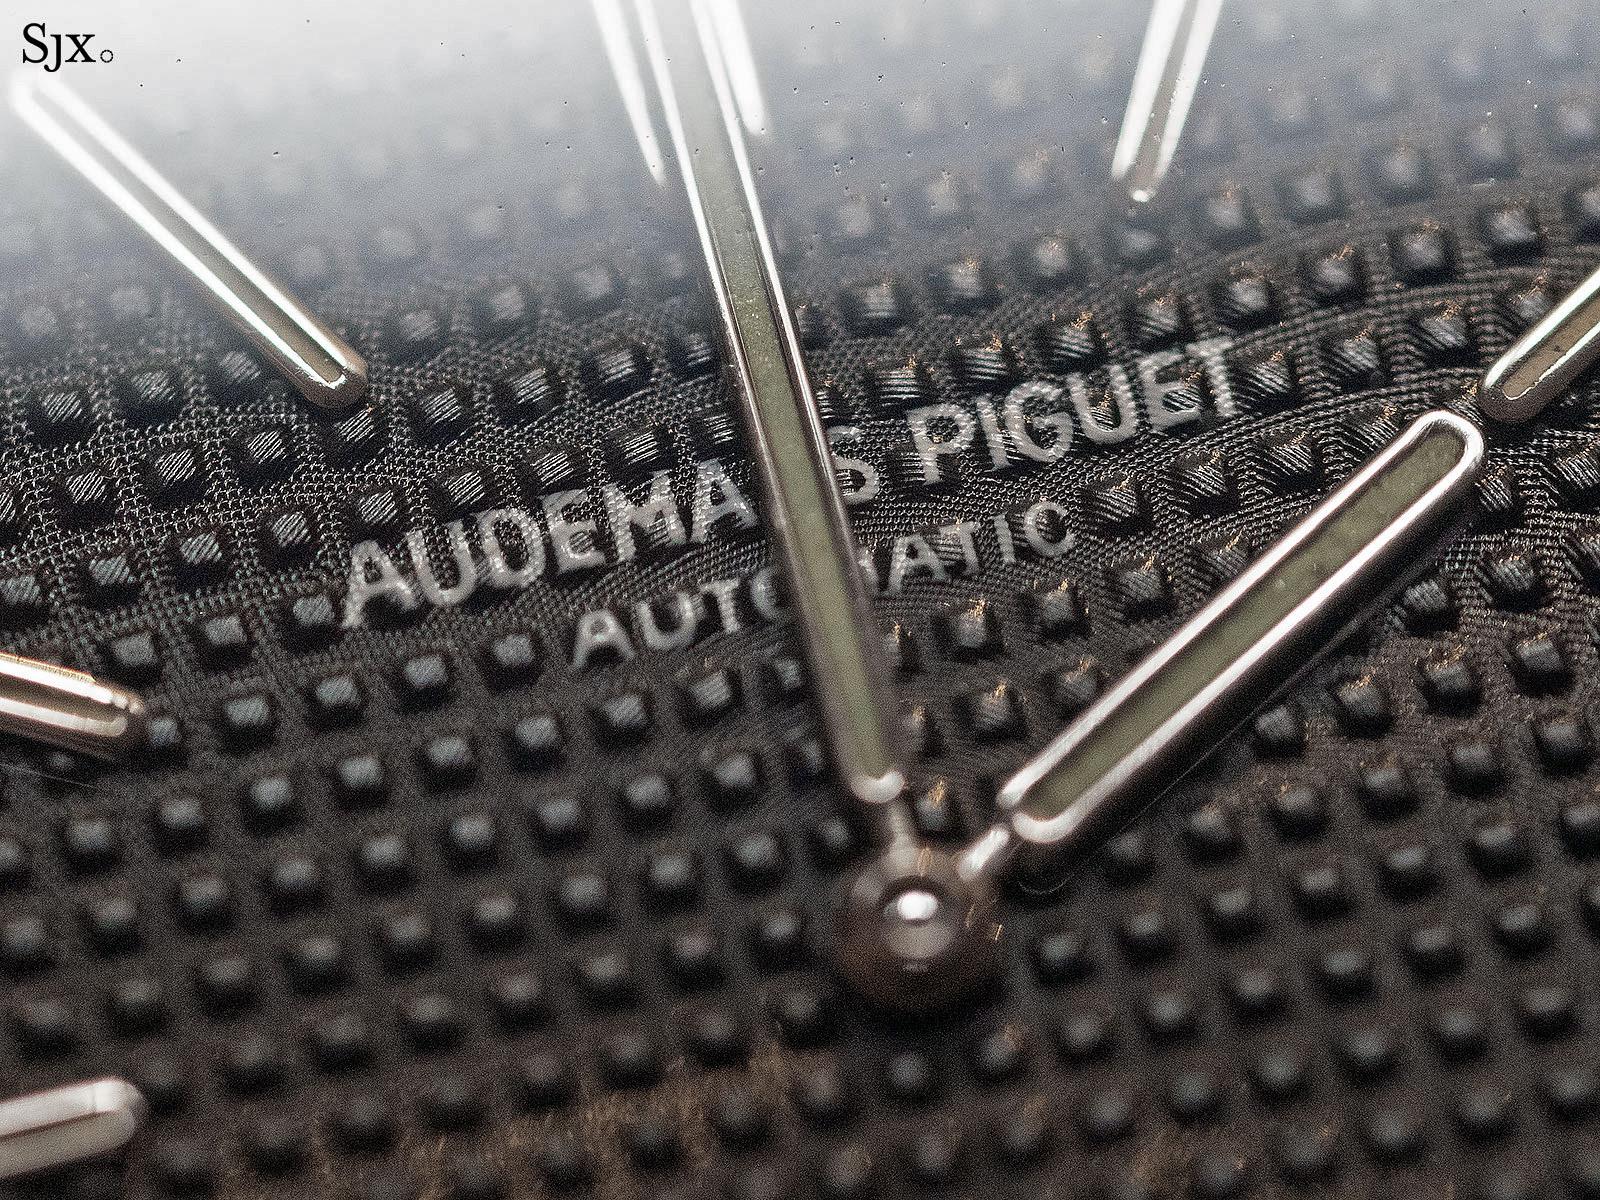 Audemars Piguet Royal Oak A-Series prototype 10